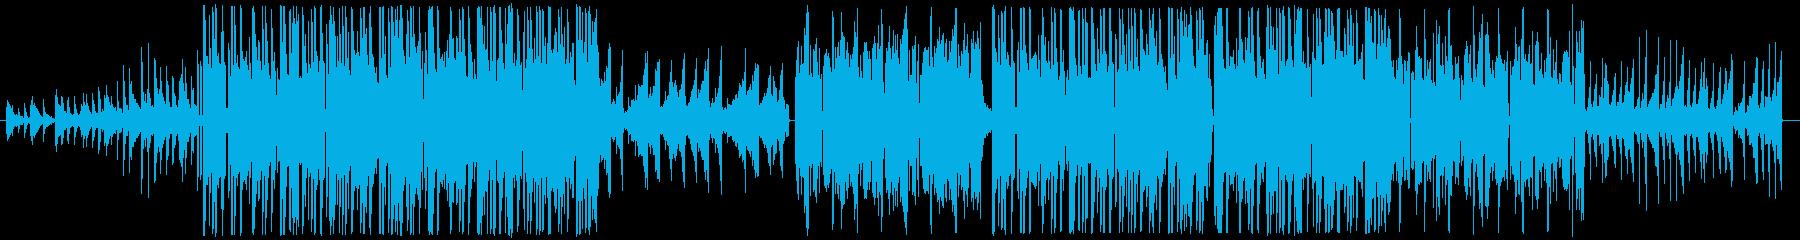 不気味な雰囲気のTrap Beatの再生済みの波形